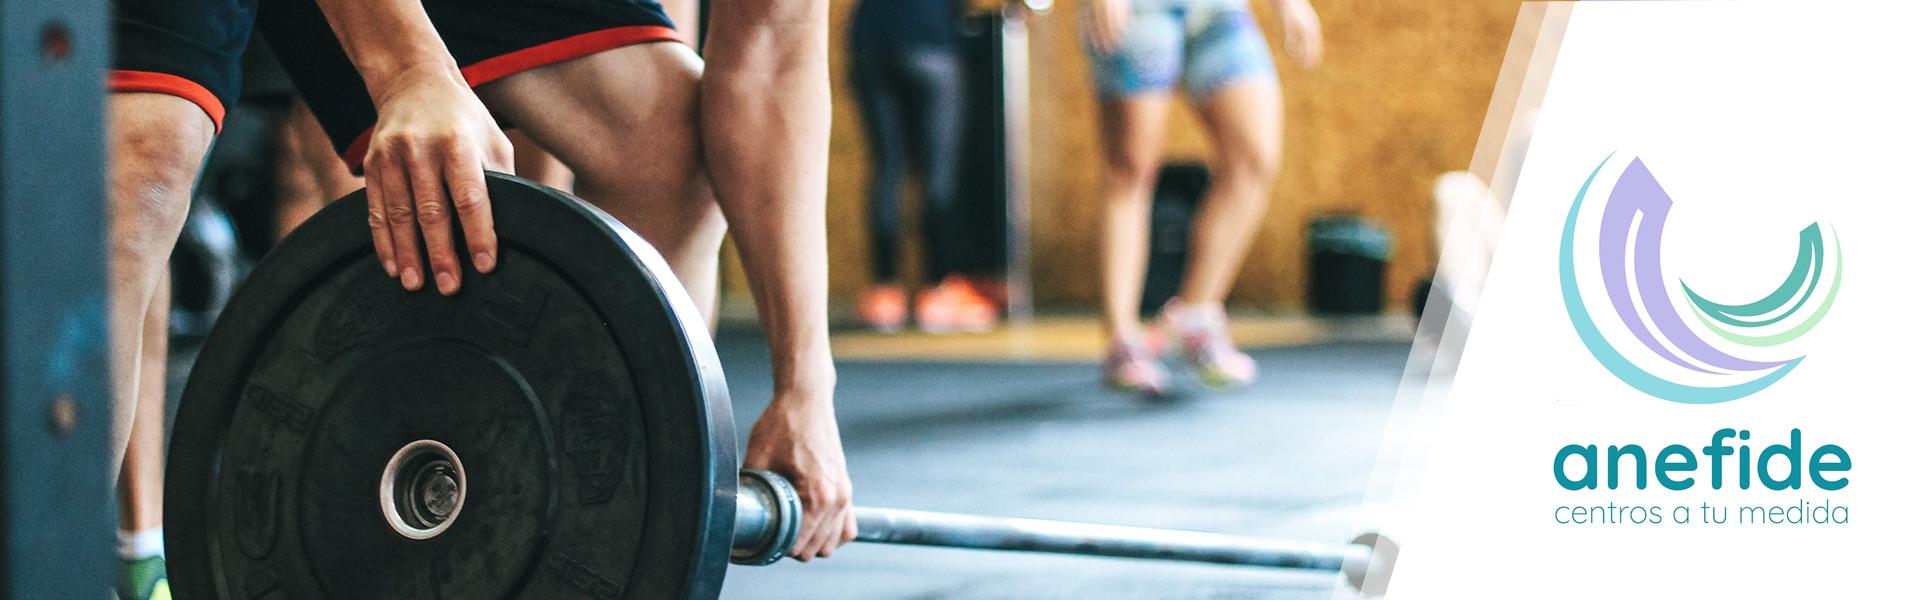 Anefide-gym